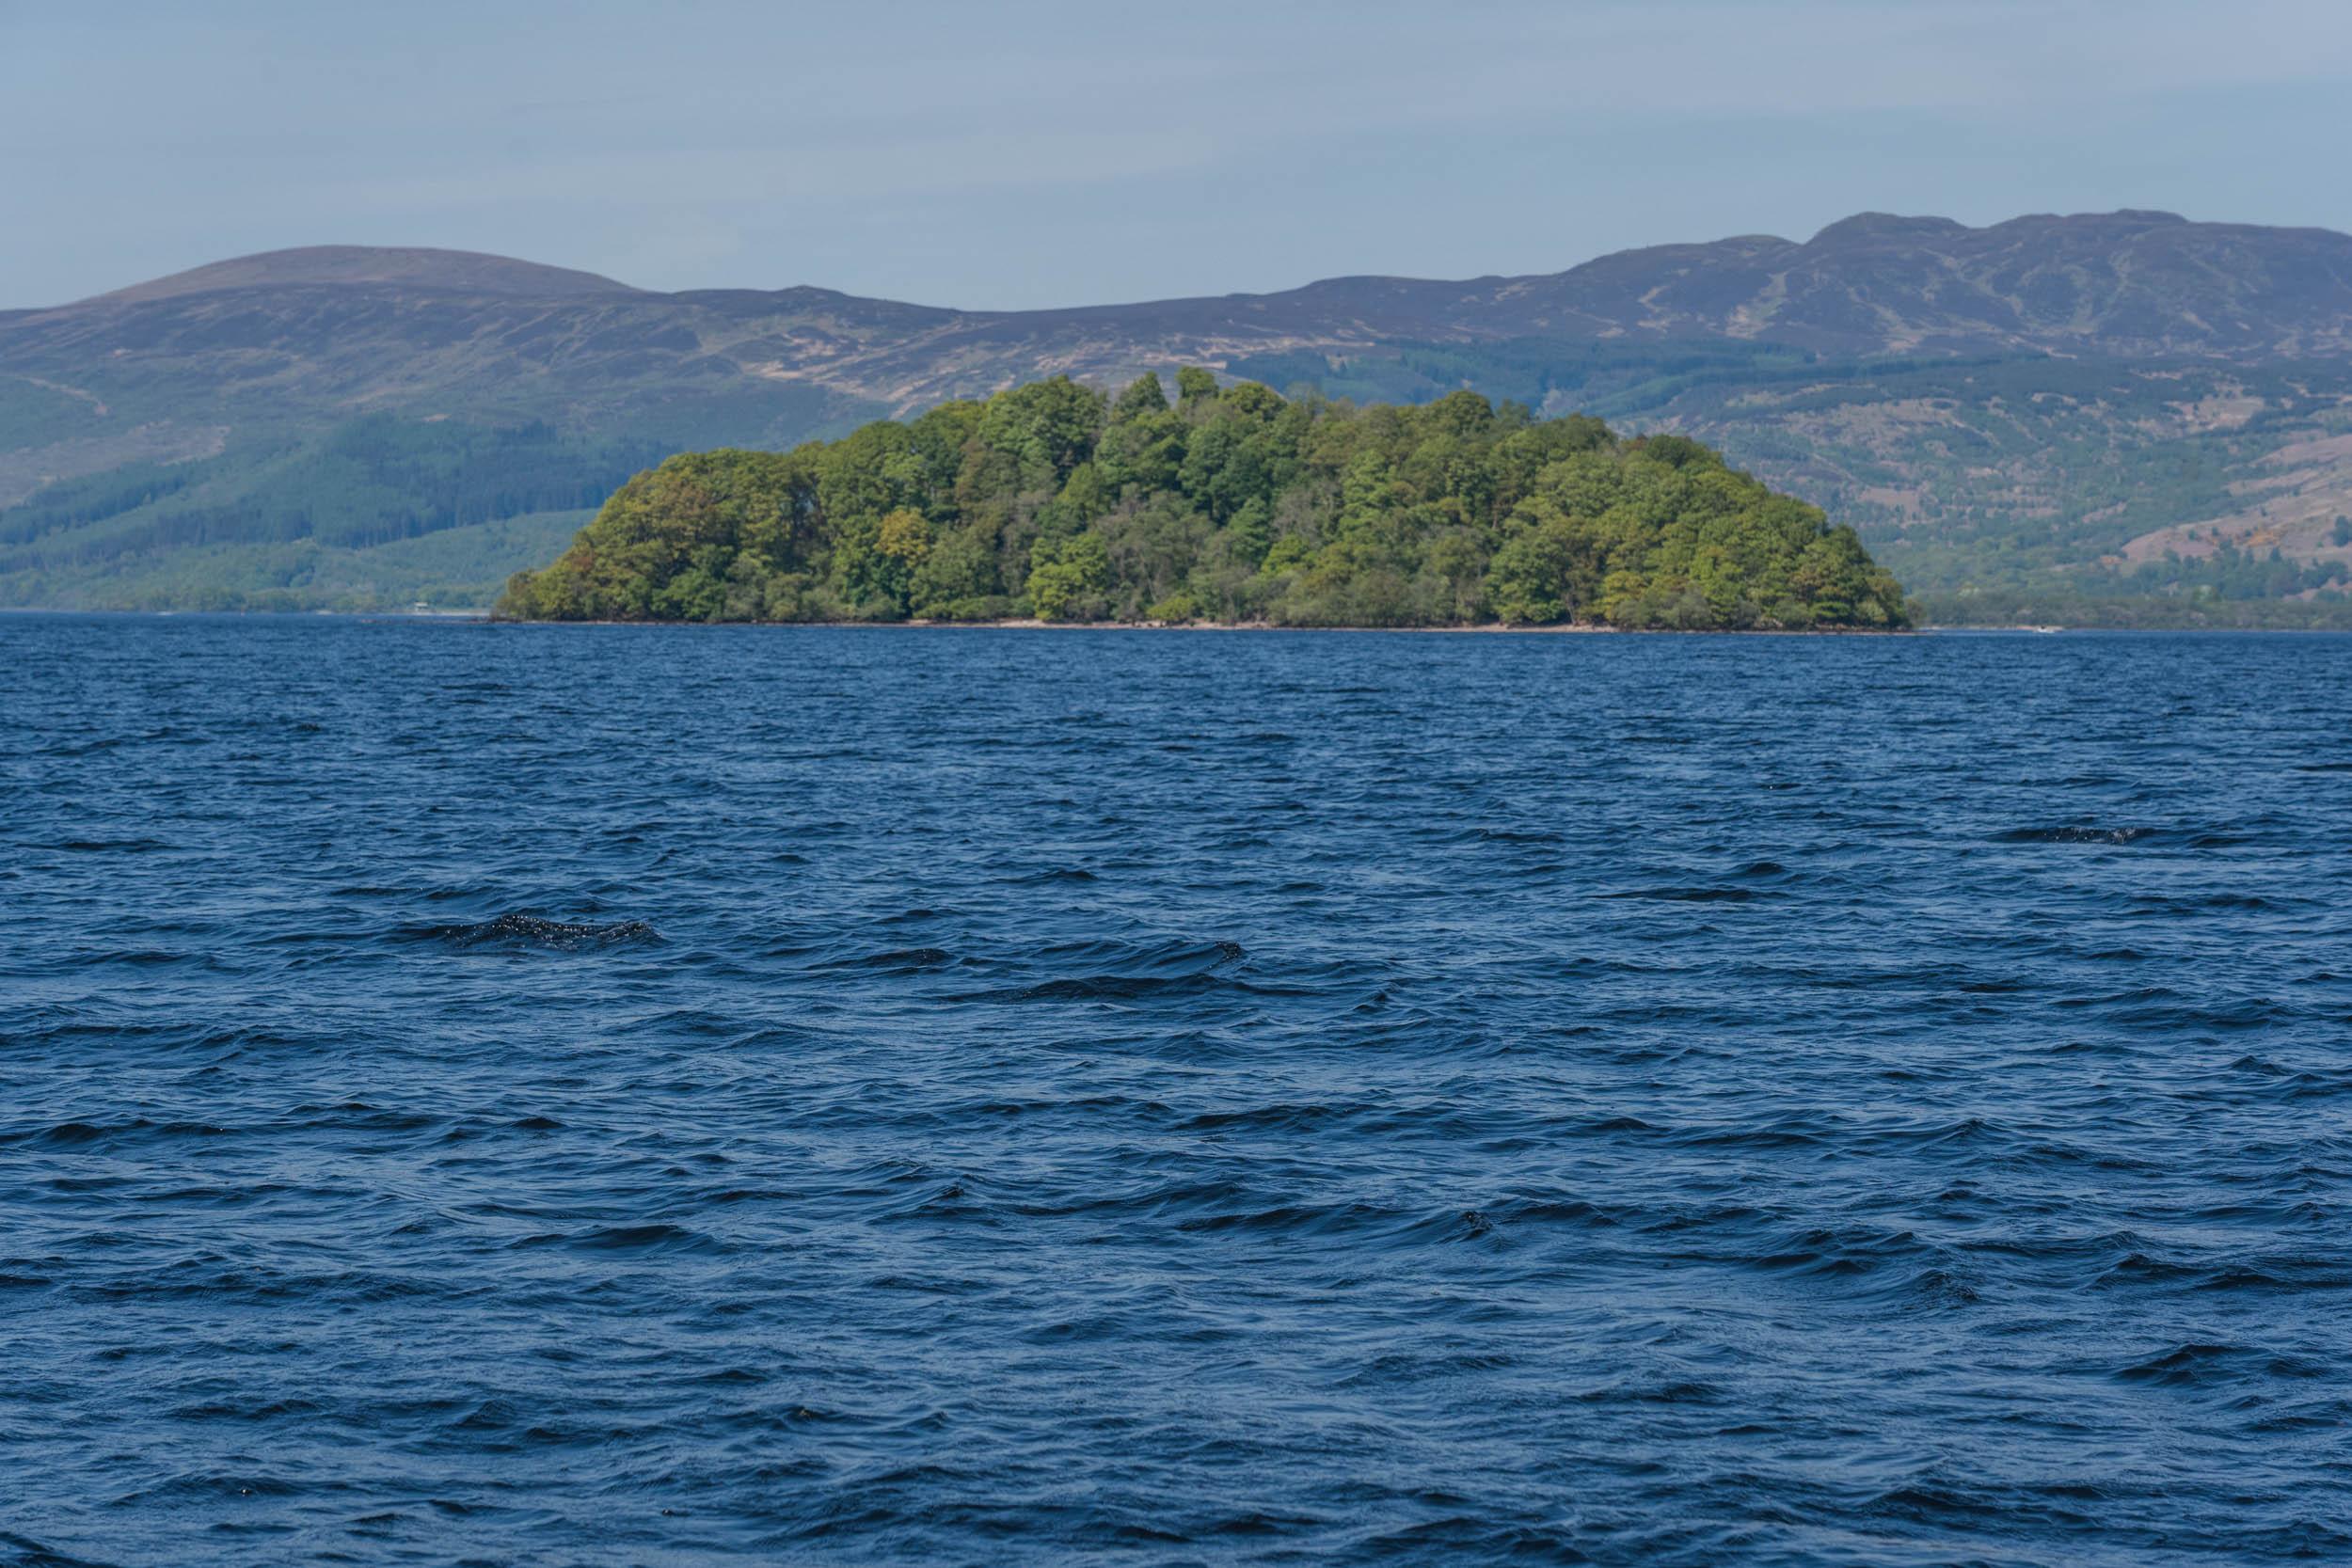 Creinch Island, Loch Lomond